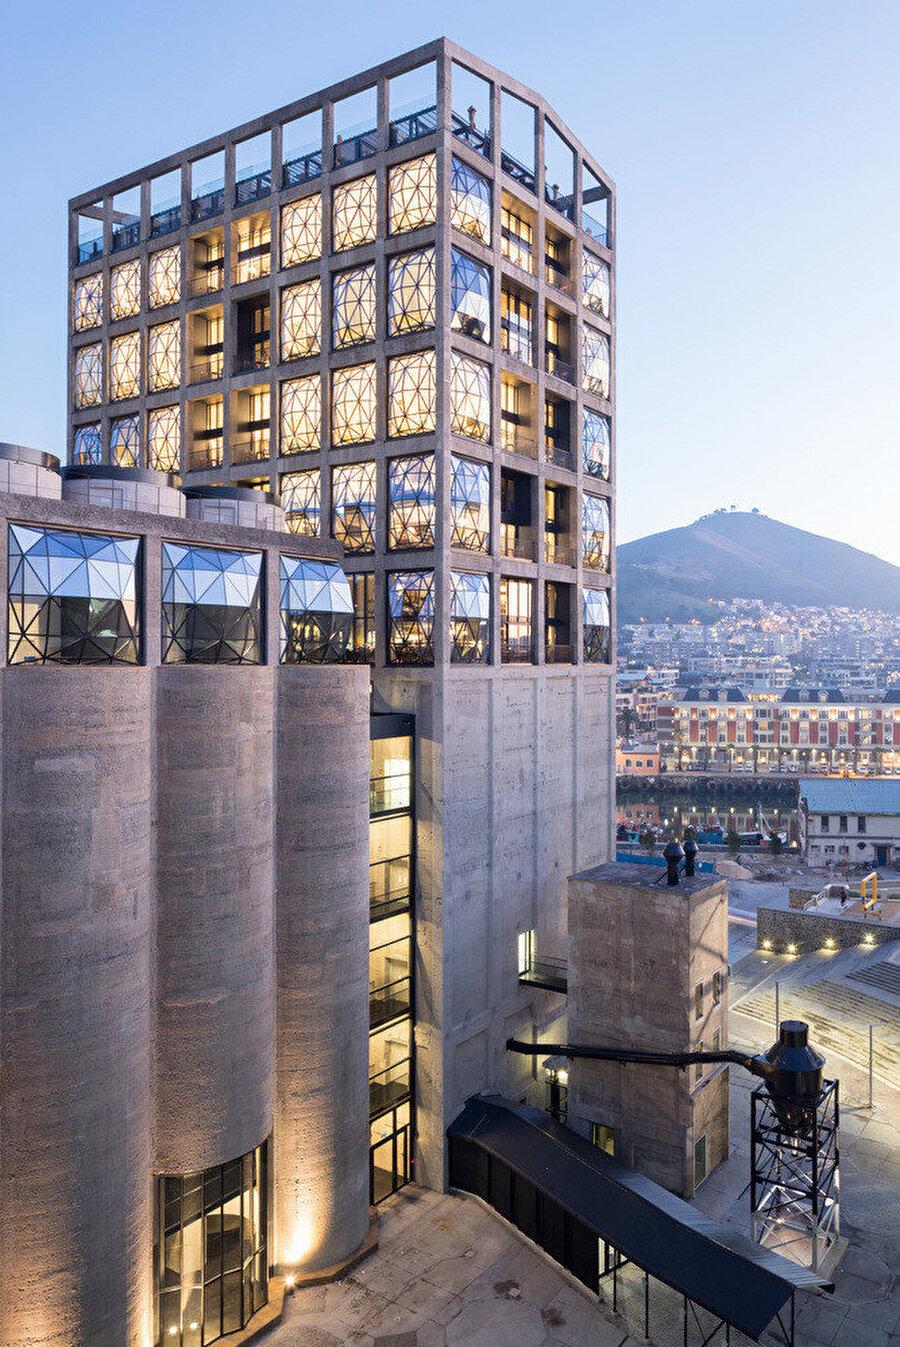 Betonarme yapı iskeletinin boşluklarına yerleştirilen camlar, sürekli değişen ışık oyunları oluşturuyor.